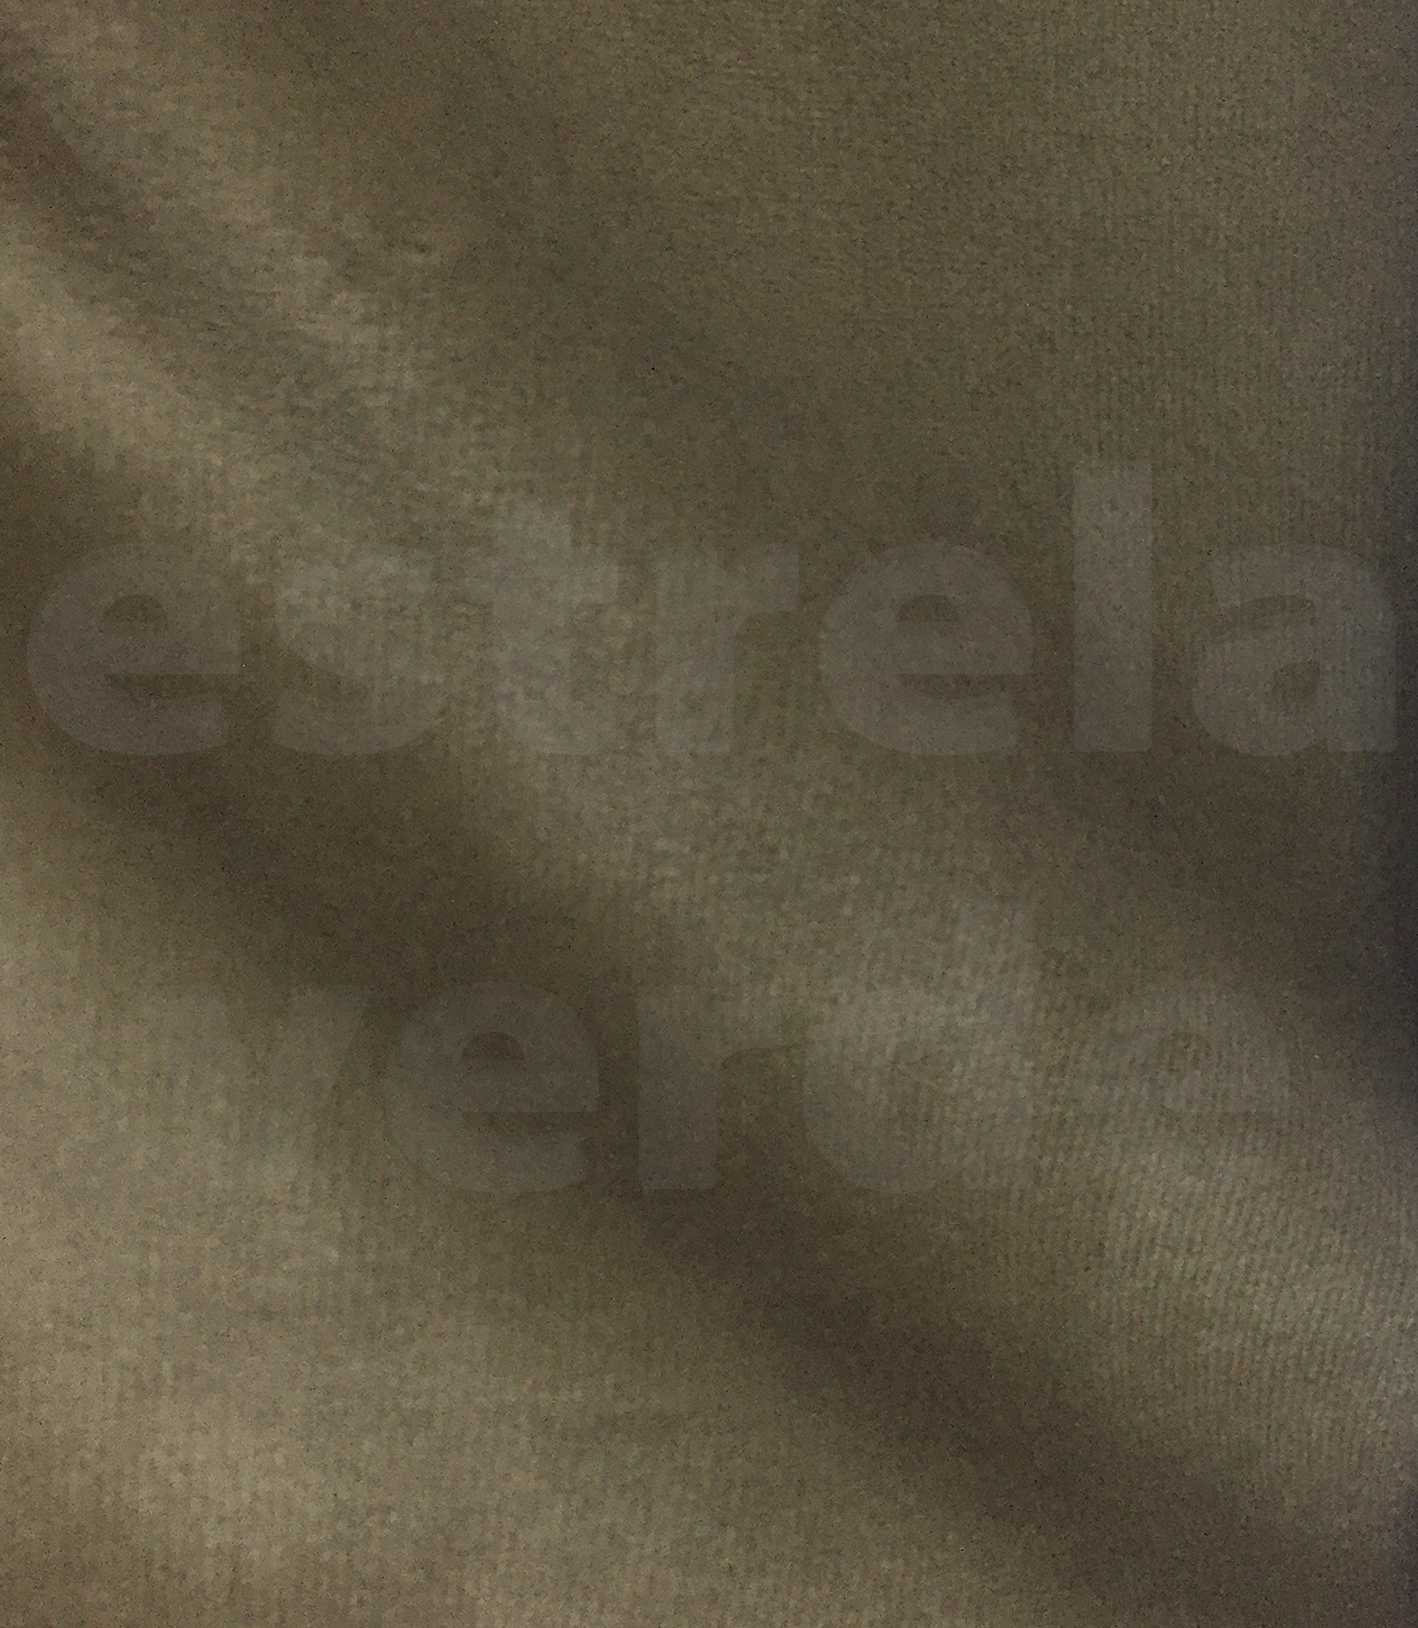 VELUDO CACAU CLARO 2972  - Estrela Verde